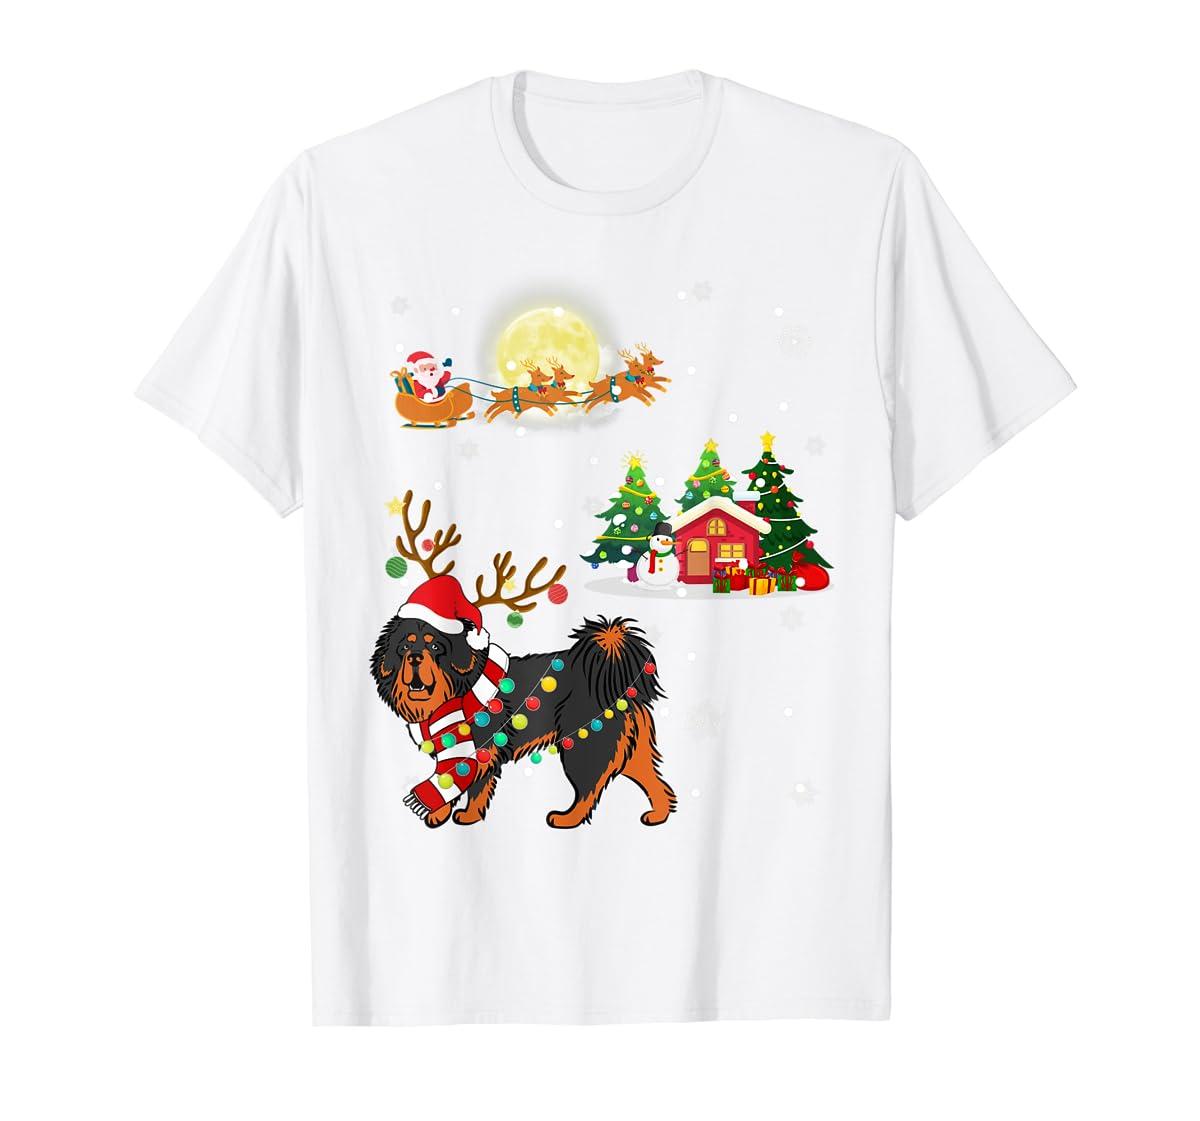 Tibetan Mastiff Dog Led Light Christmas 2019 Gift T-Shirt-Men's T-Shirt-White